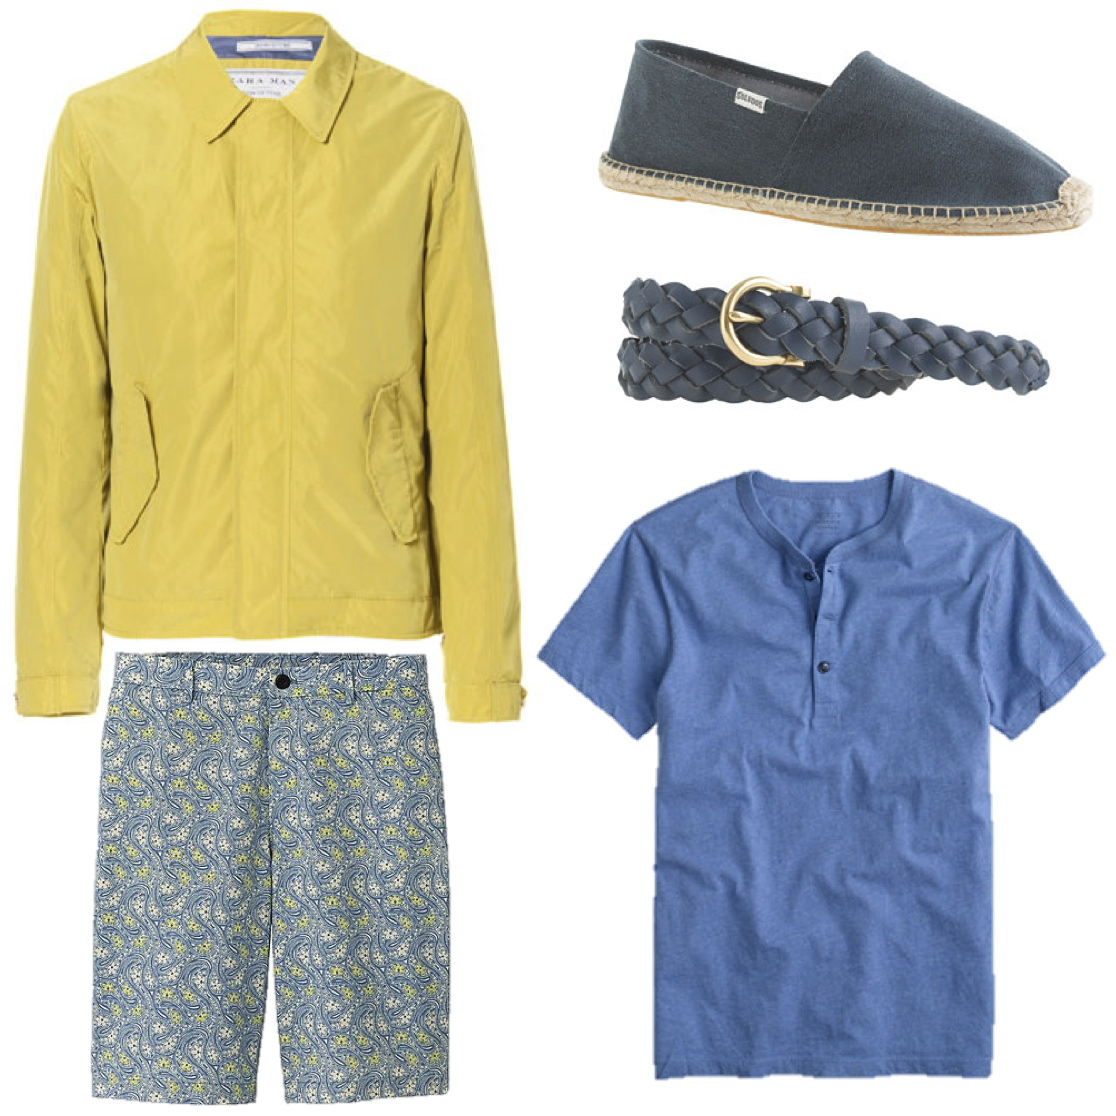 npfd outfit 2.jpg